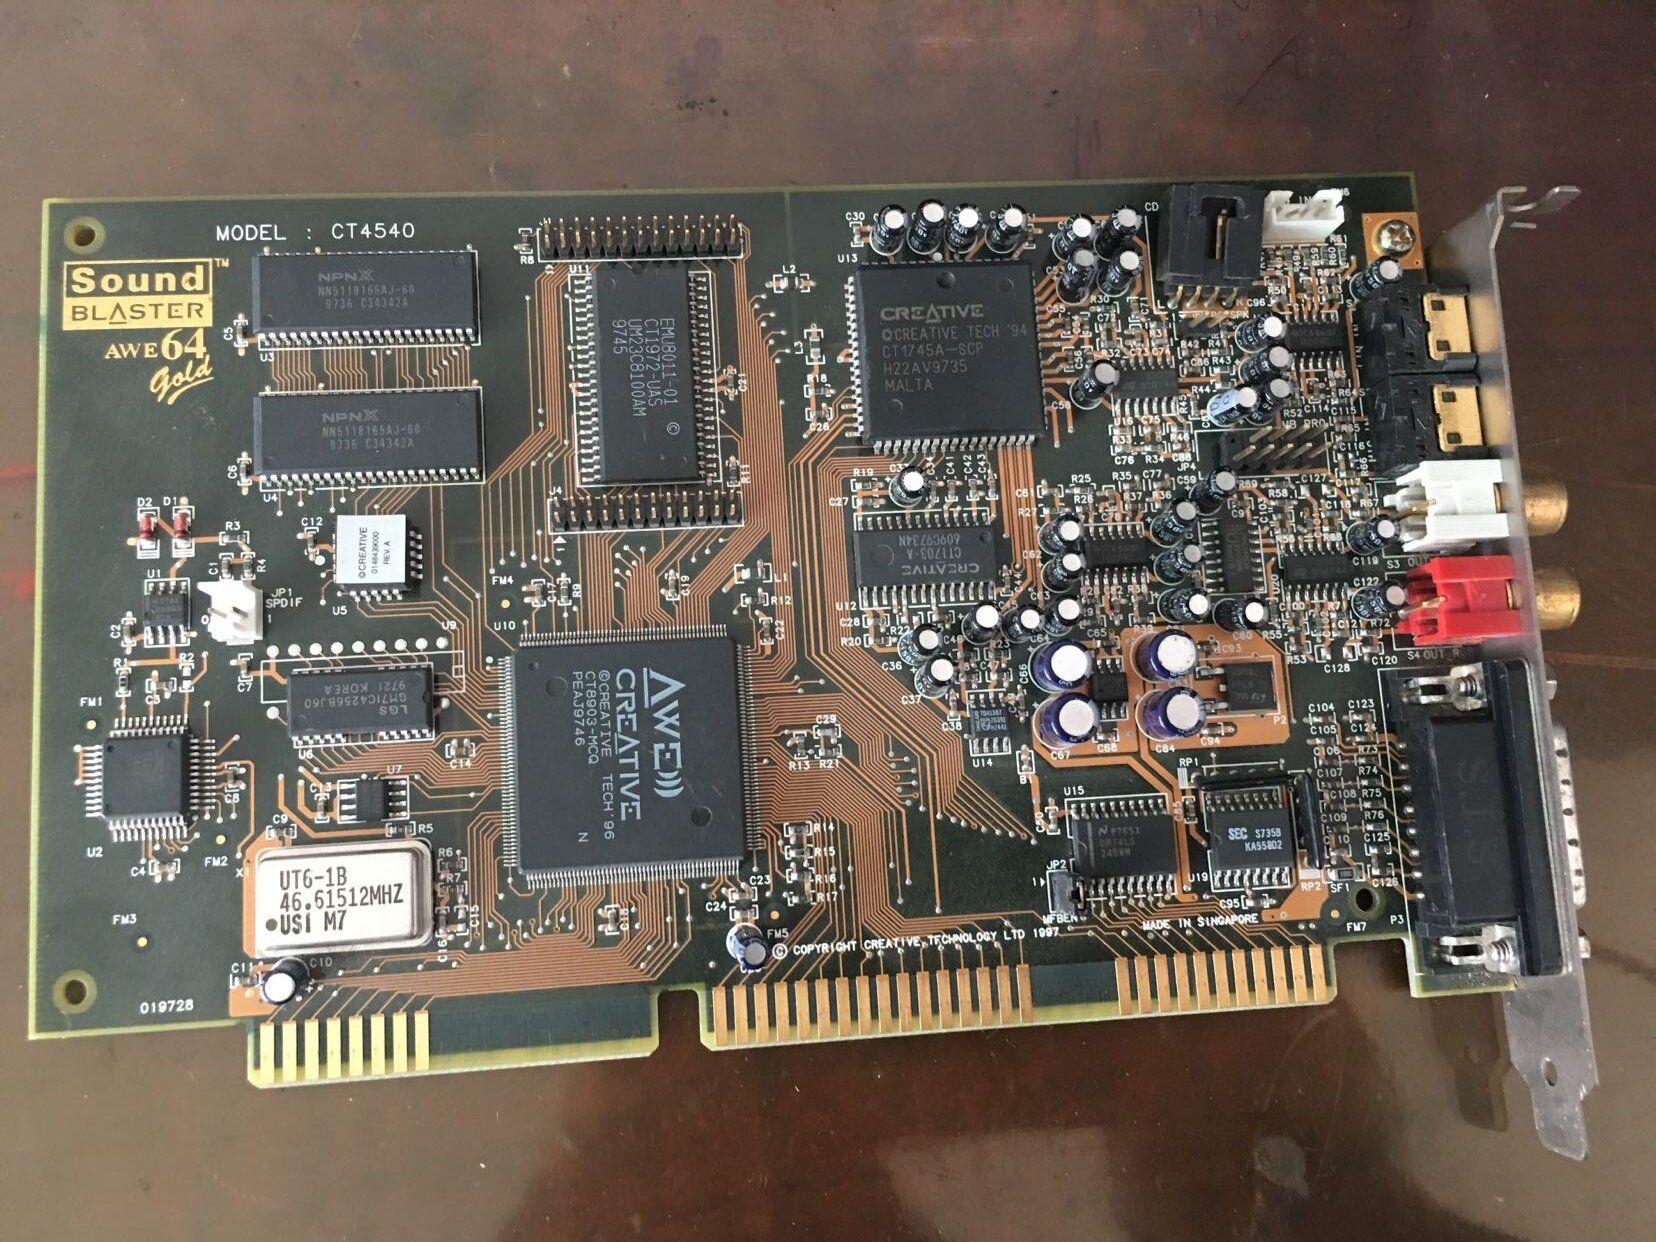 Creative Sound Blaster CT4540 AWE64 Gold Sound Card | Sound